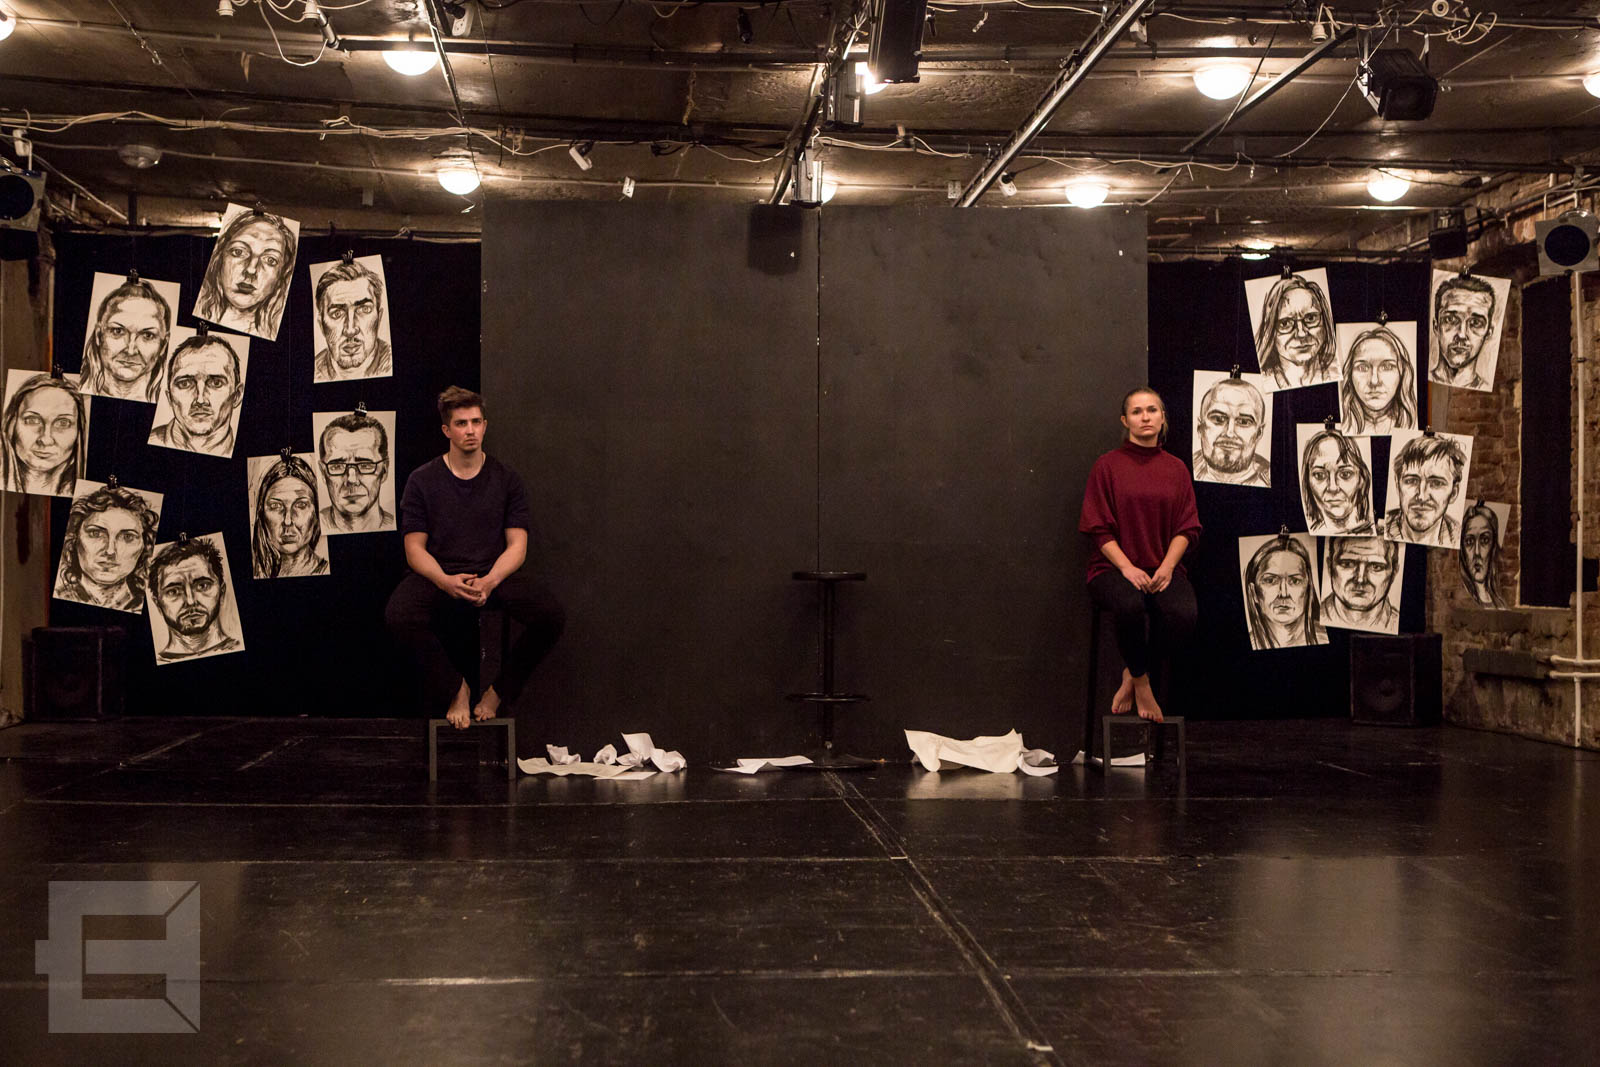 Рецензия на эскиз спектакля «Клуб 27» в Мастерской Современного Театра. Трудный возраст